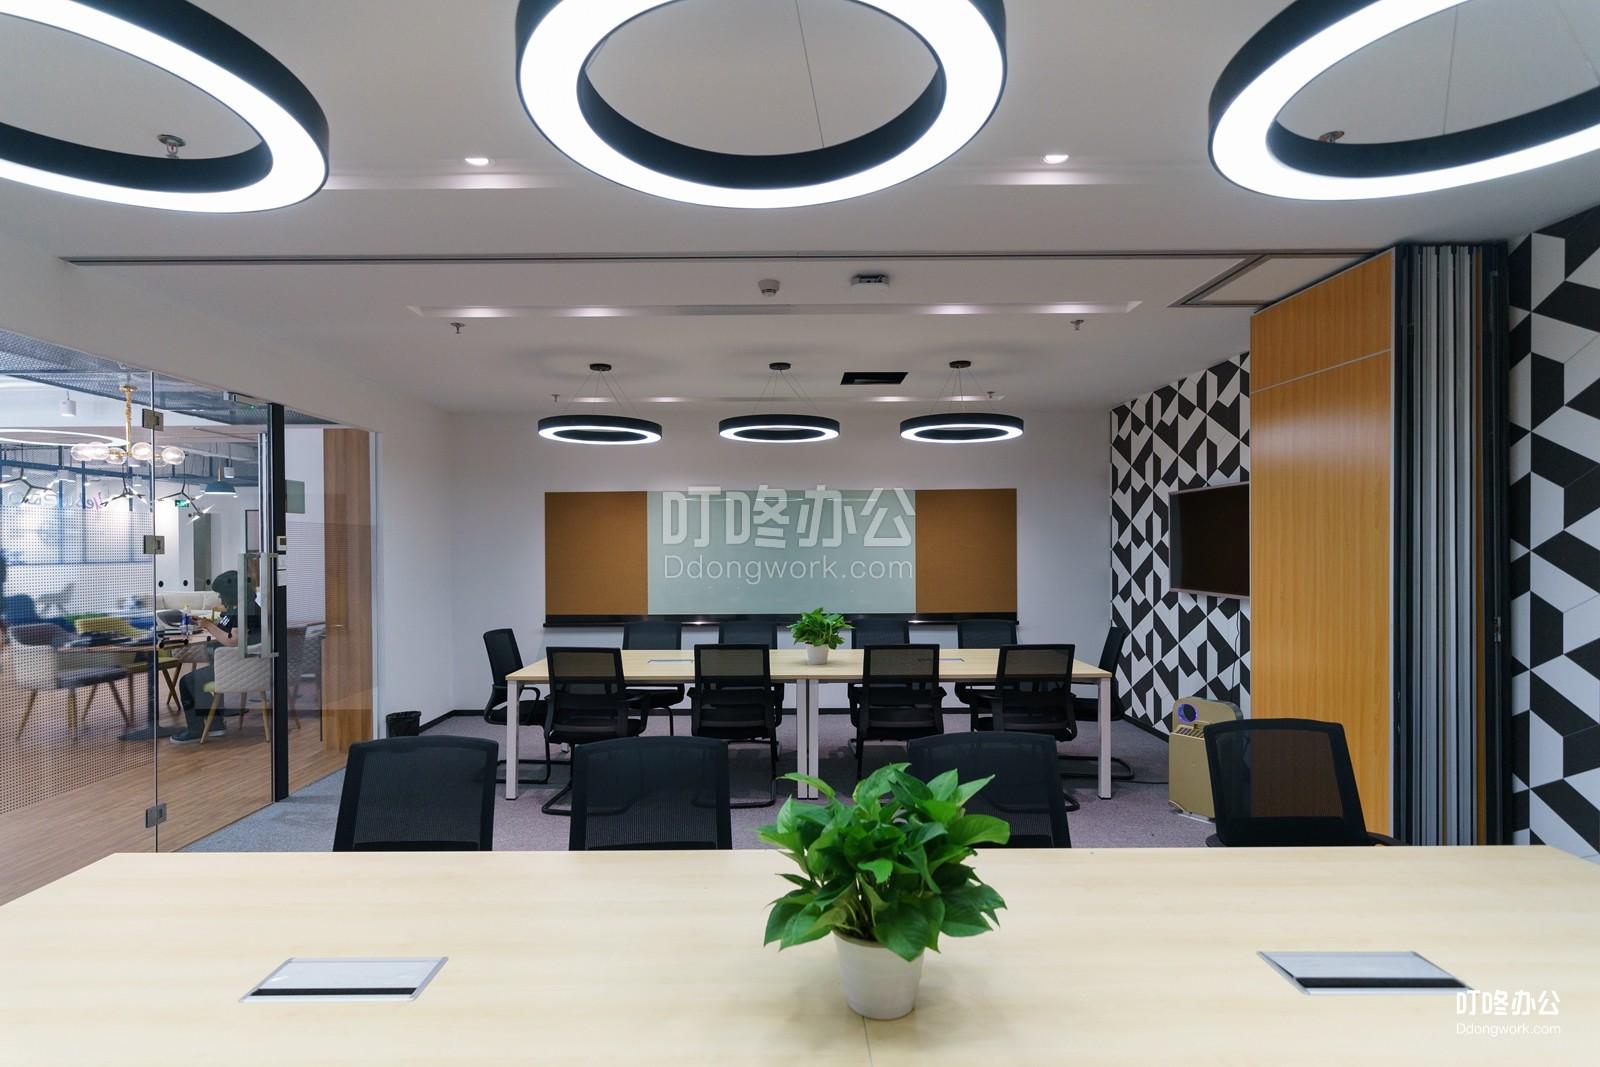 深圳yeswedo福保国际•优客工场会议室